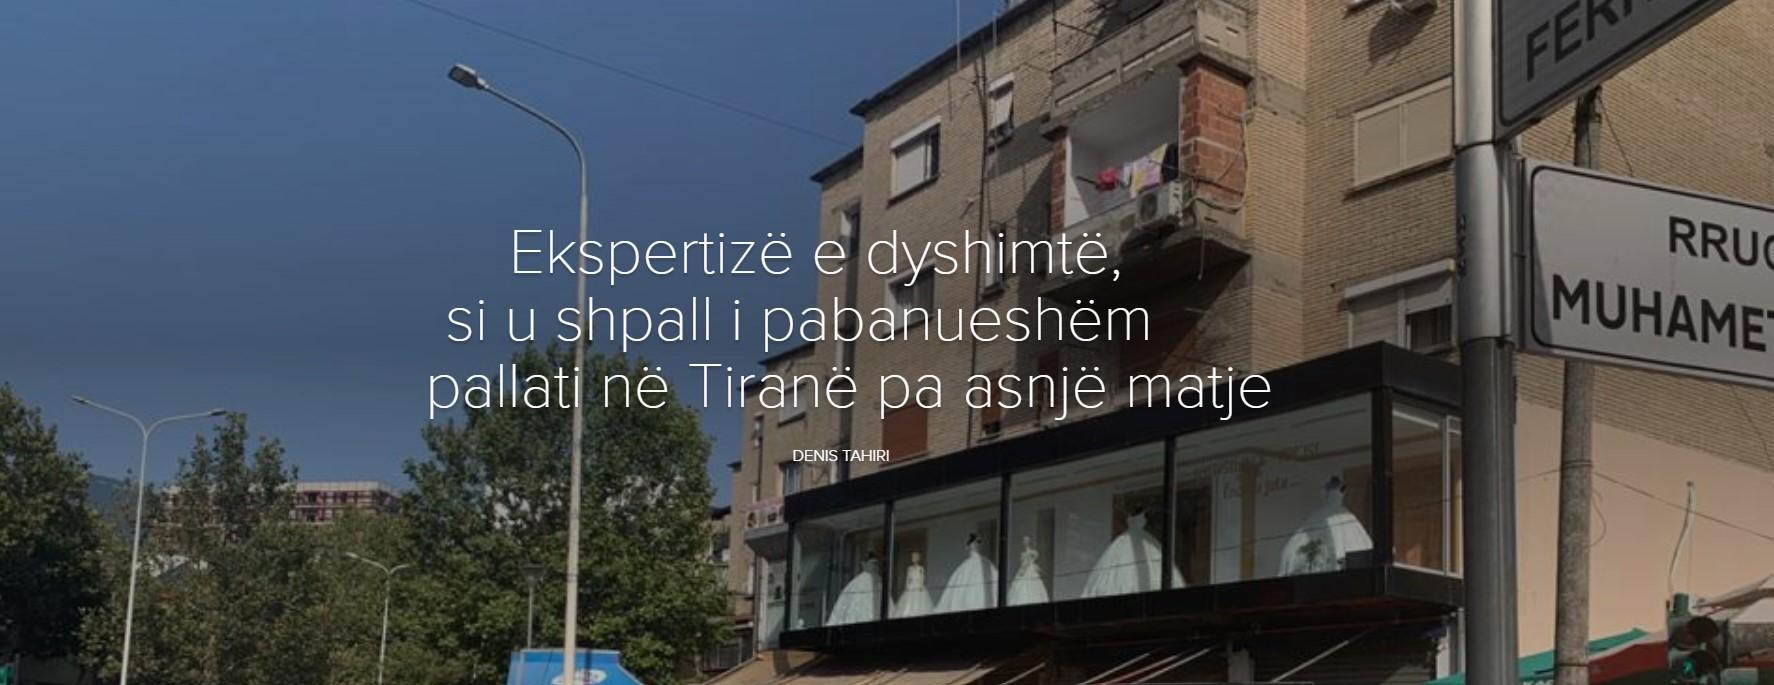 Ekspertizë e dyshimtë, si u shpall i pabanueshëm pallati në Tiranë pa asnjë matje